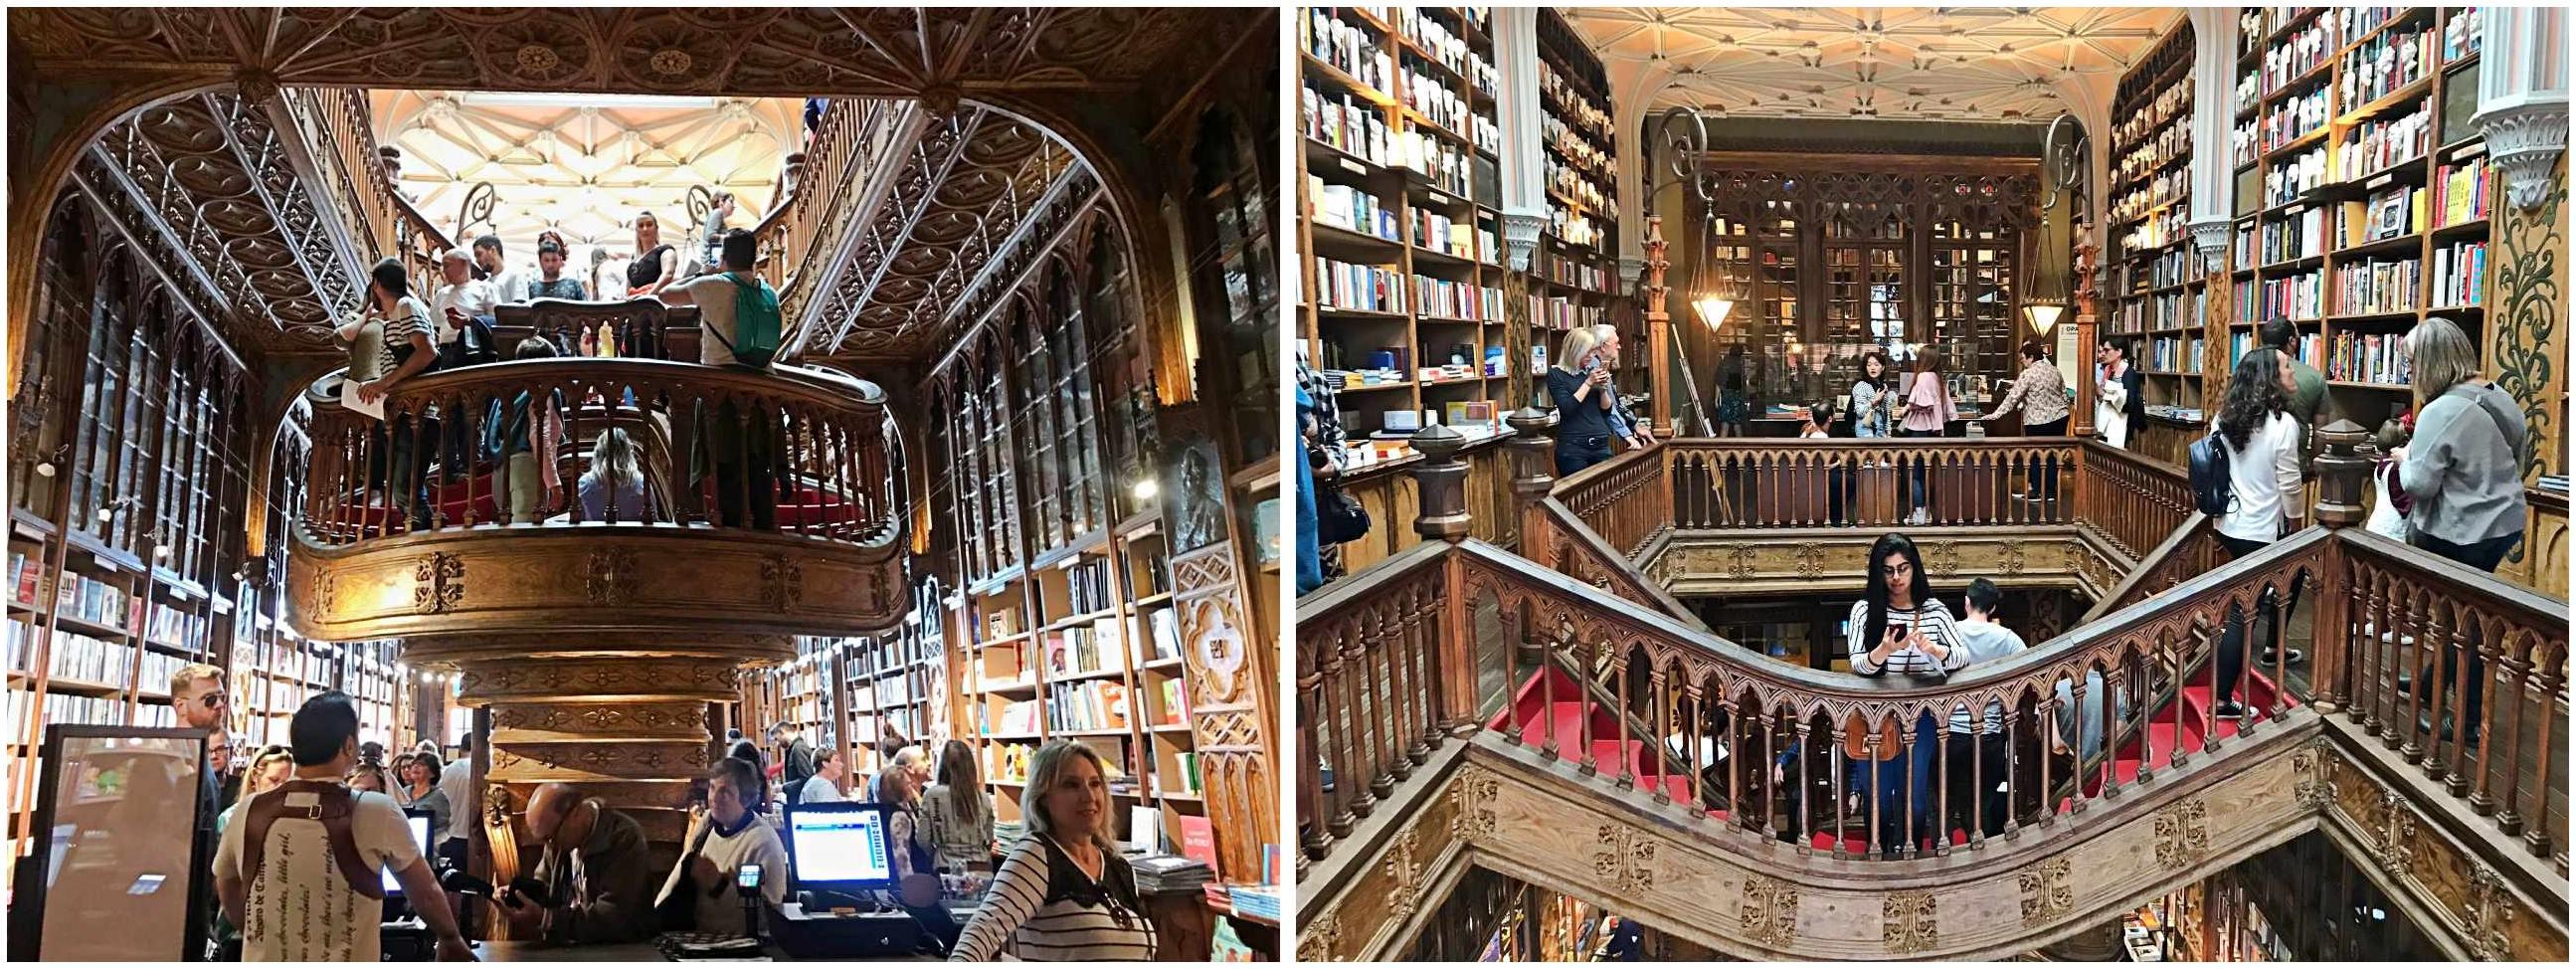 Livraria Lello - O que fazer em Porto Portugal